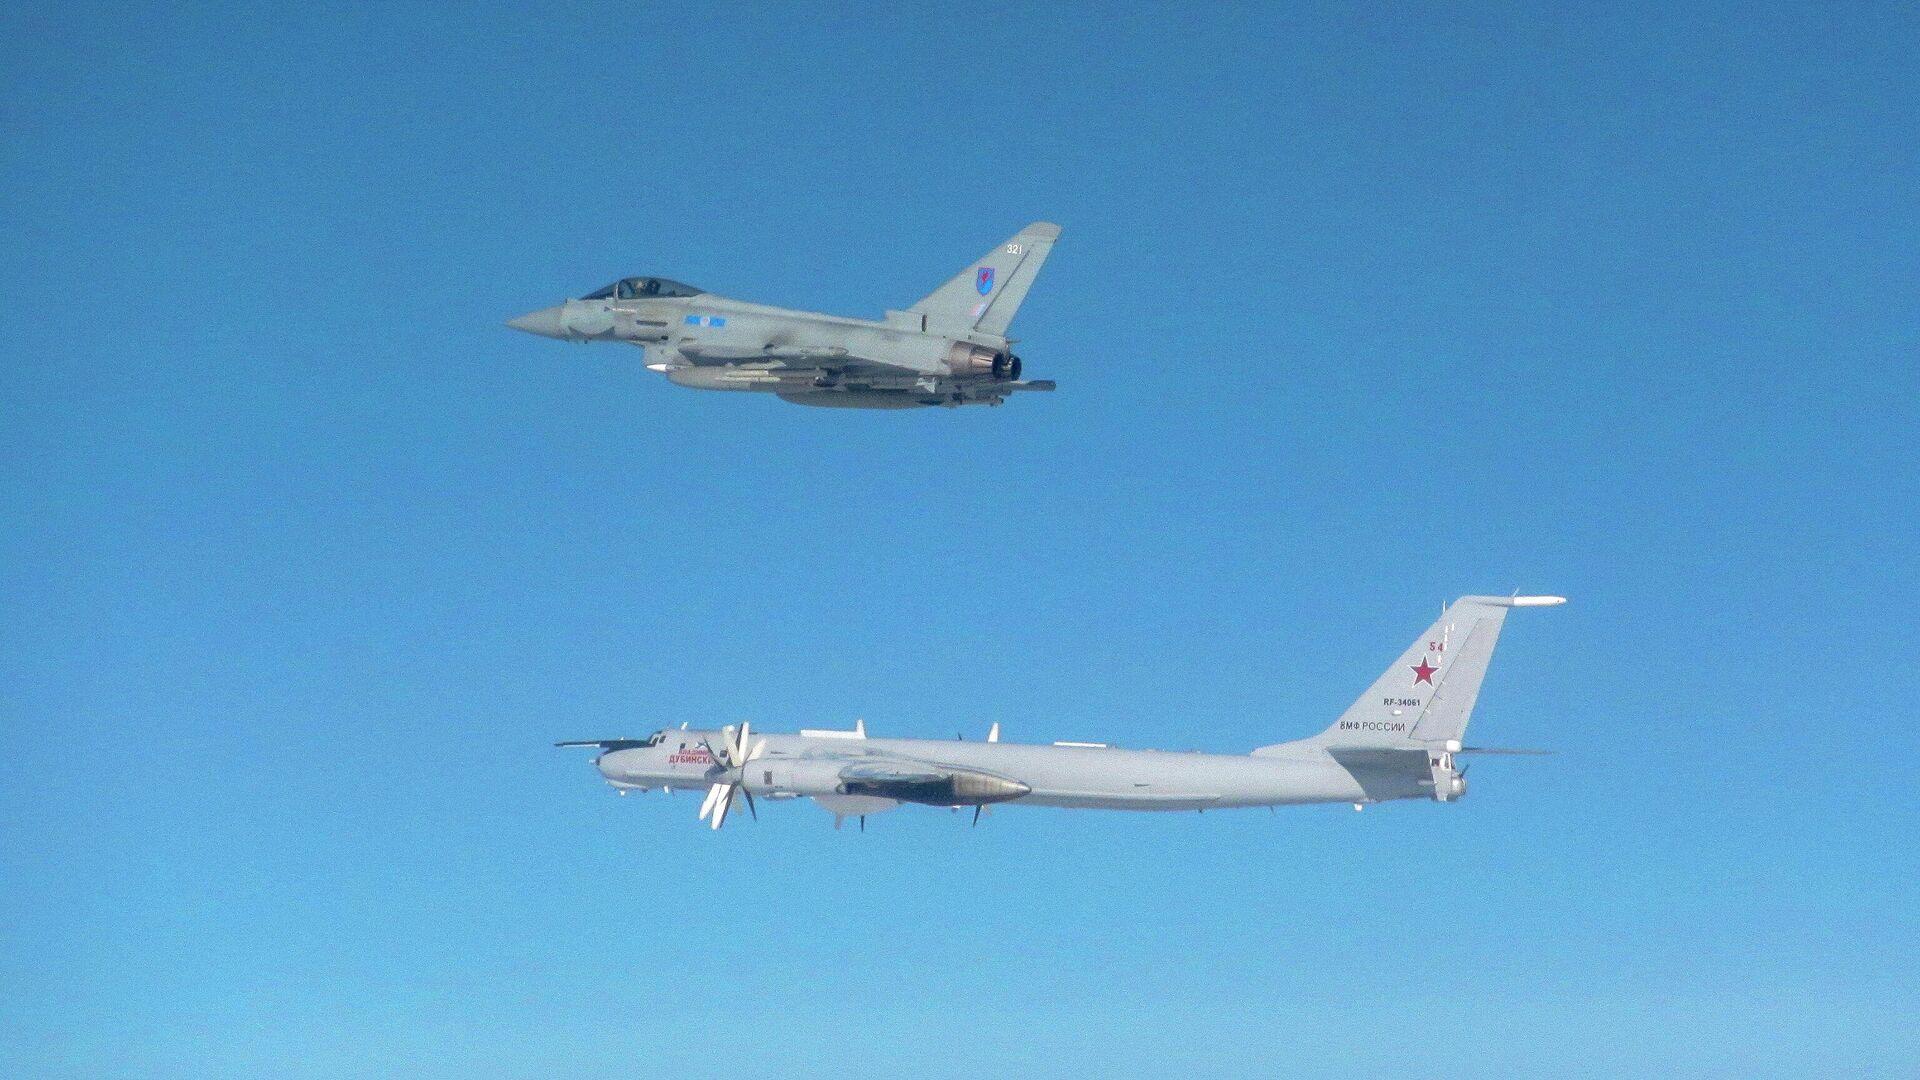 Истребитель Typhoon ВВС Великобритании сопровождает российский самолет Ту-142 - РИА Новости, 1920, 20.09.2020